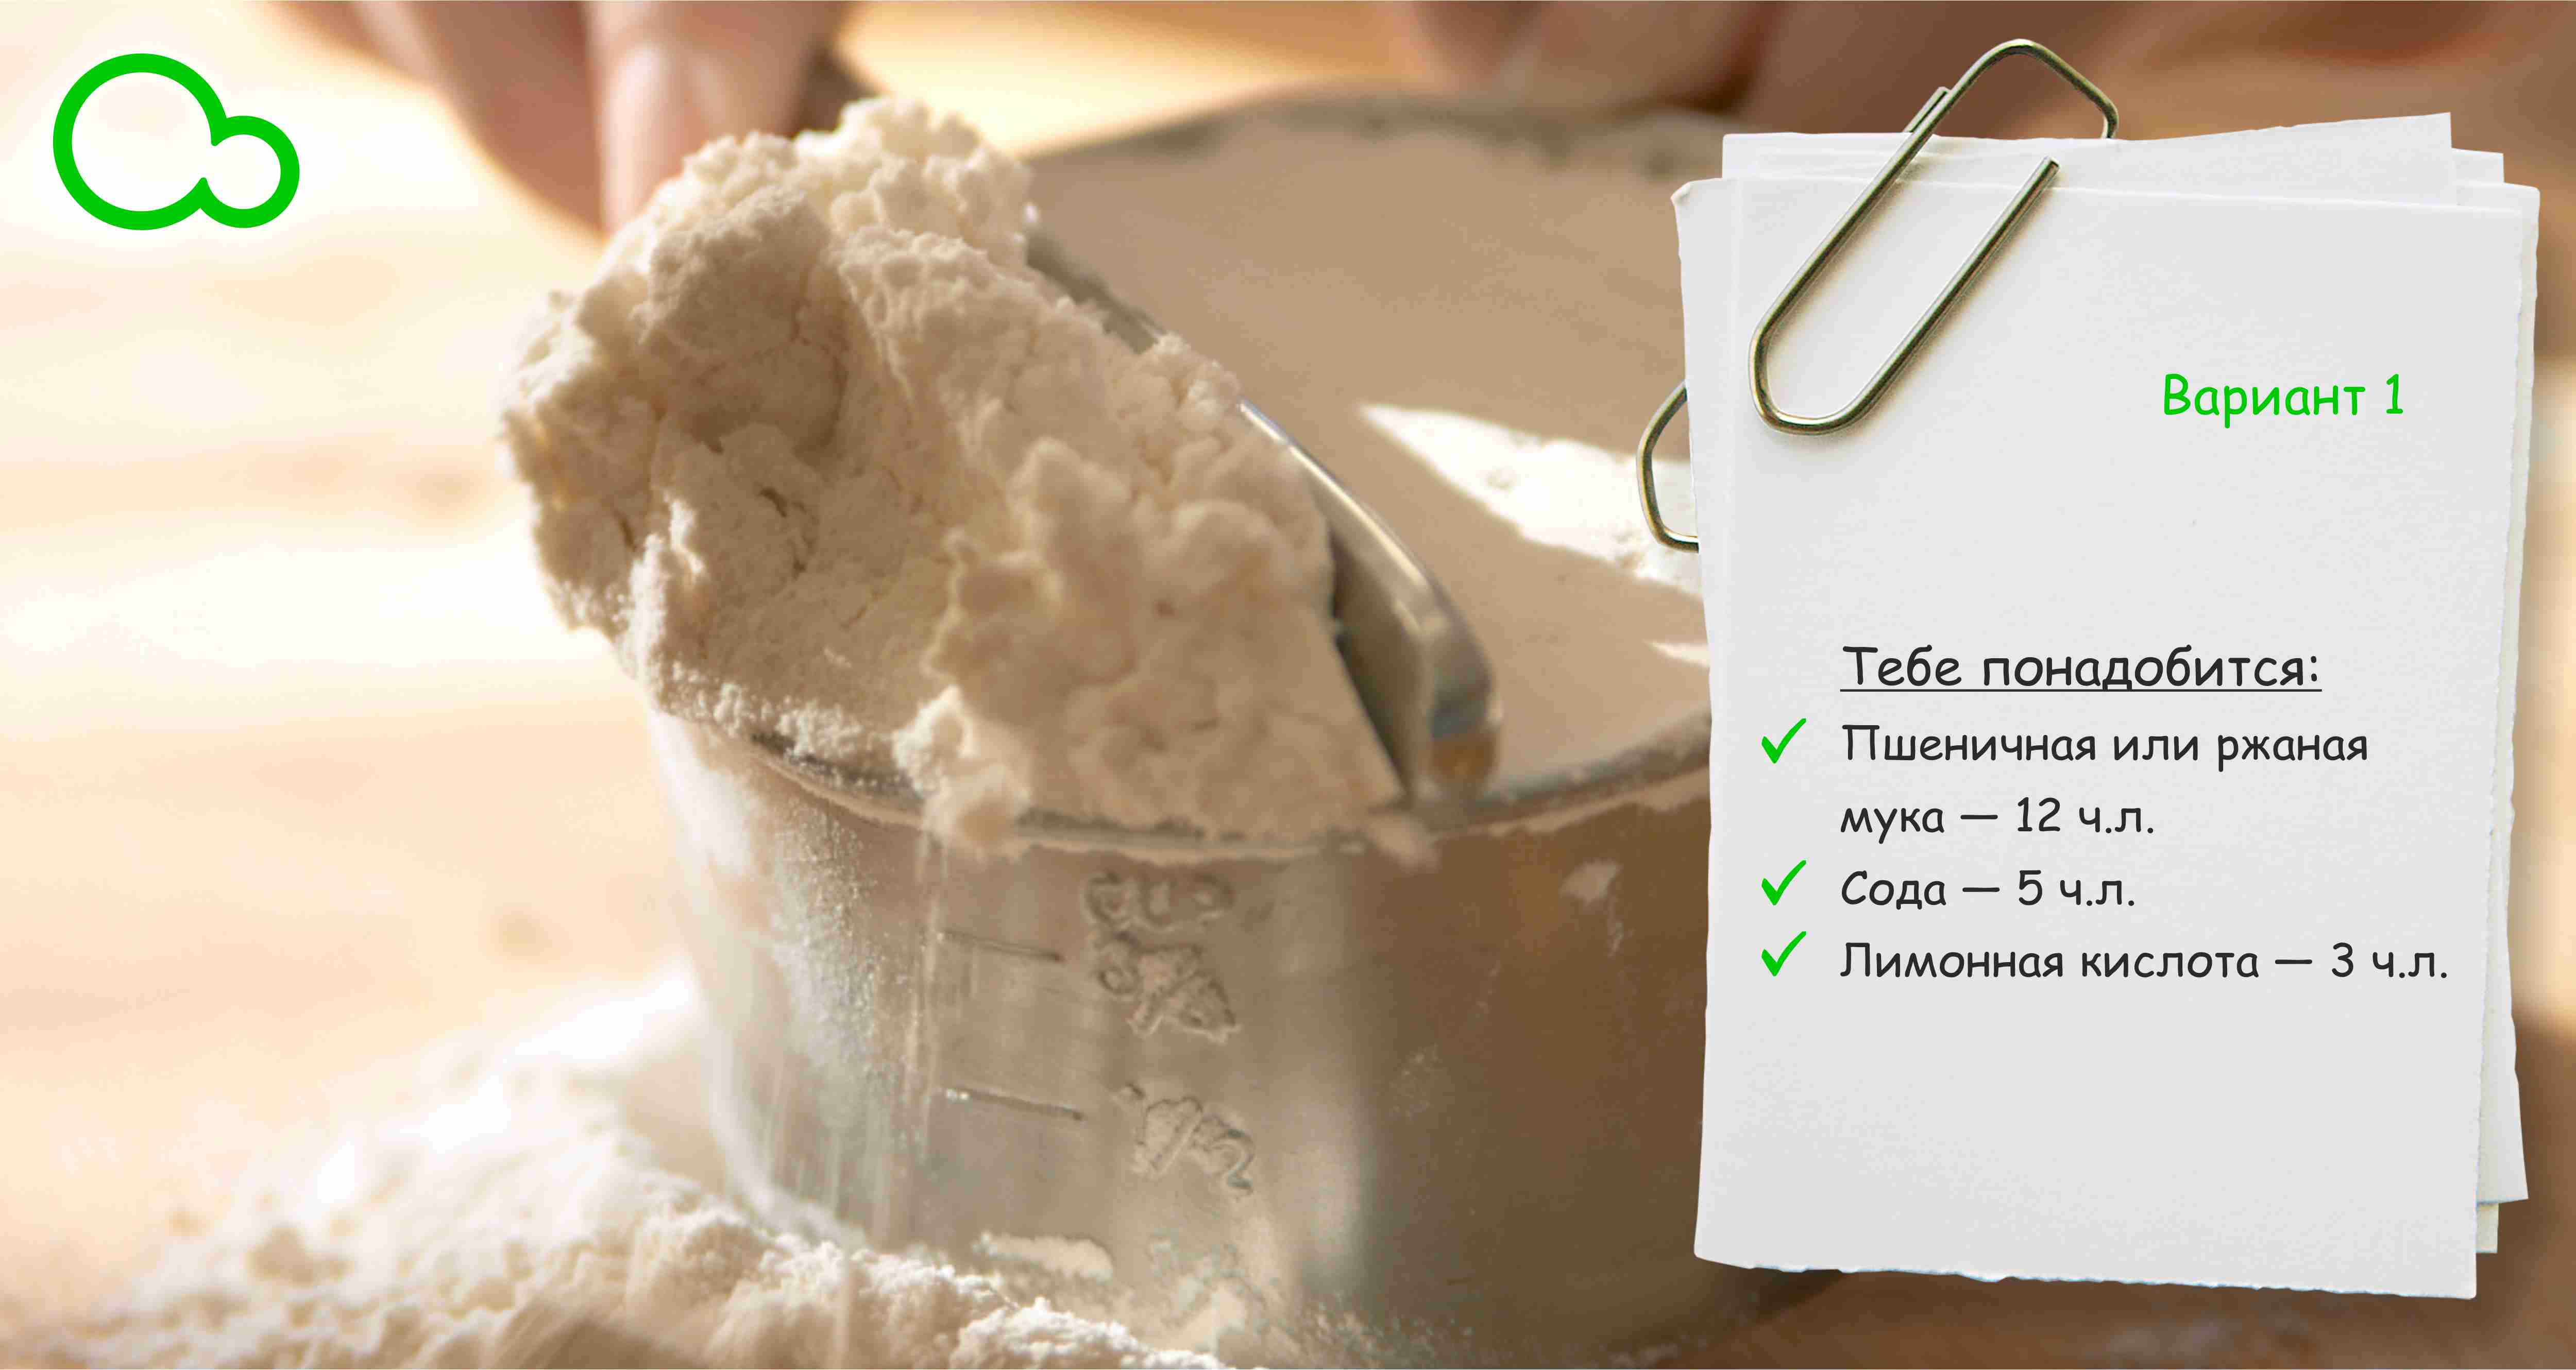 Пекарский порошок: что это такое, как приготовить и чем заменить, рецепты